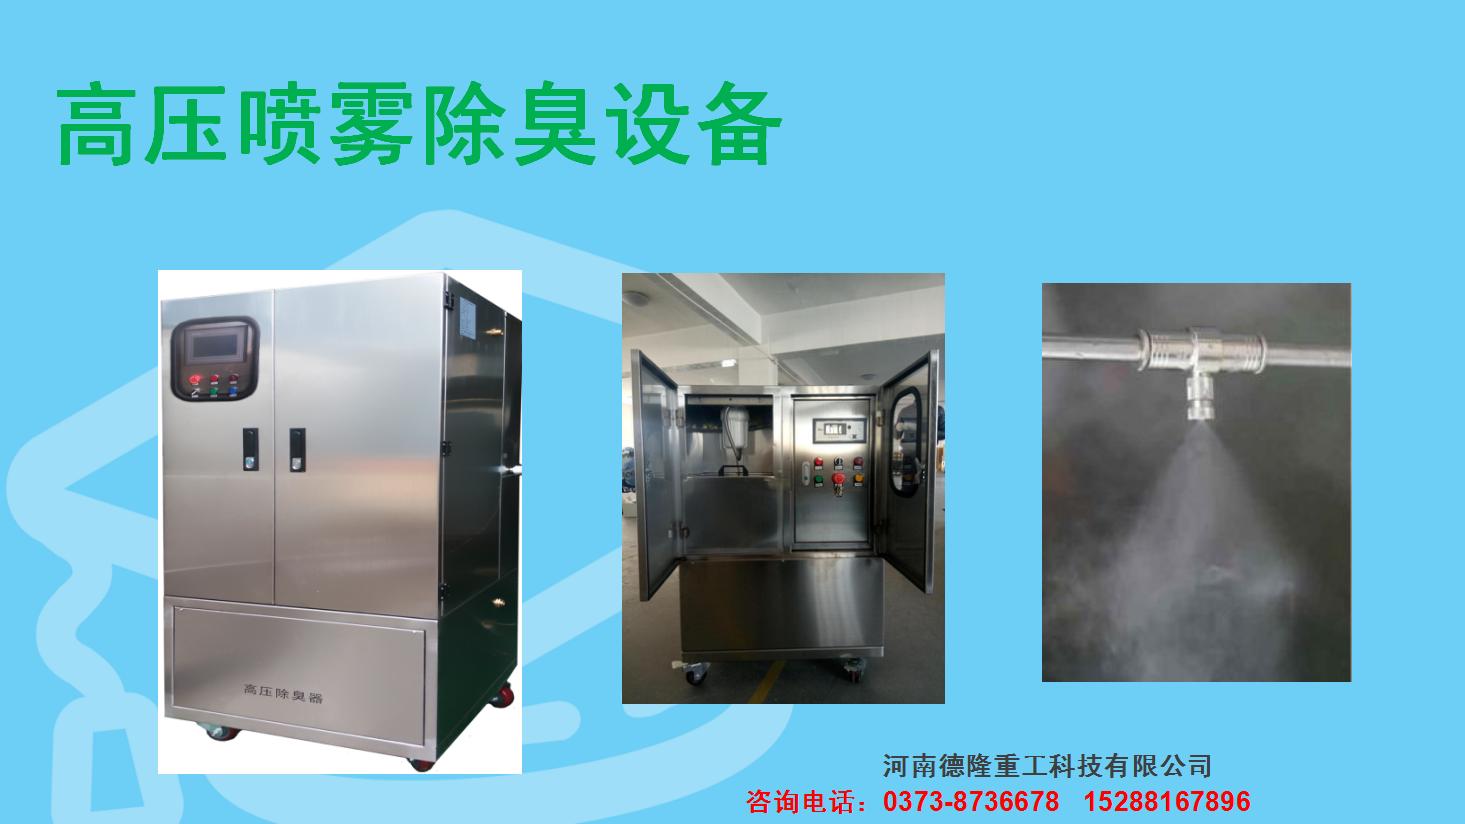 降尘、喷雾、除臭系统